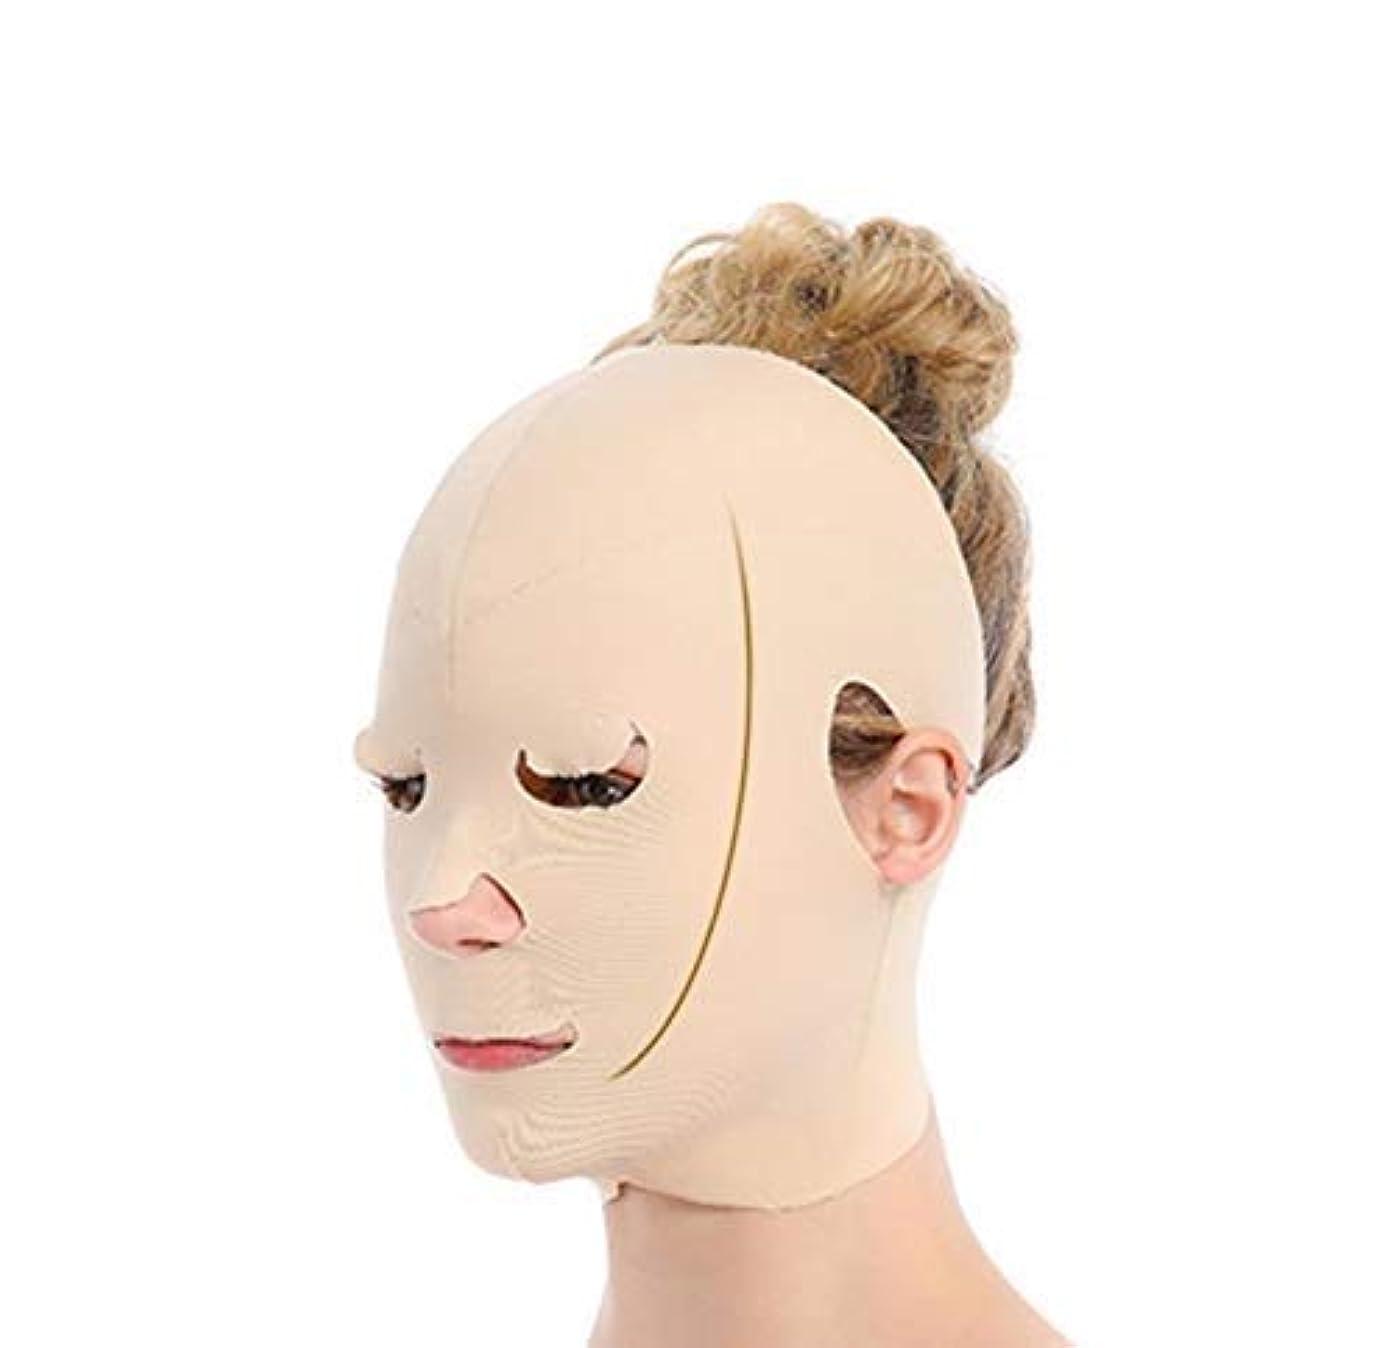 データム民主主義先生小さな顔ツールV顔包帯薄い顔美容マスク怠zyな睡眠マスク男性と女性V顔包帯整形リフティングファーミングフェイスシンダブルチン